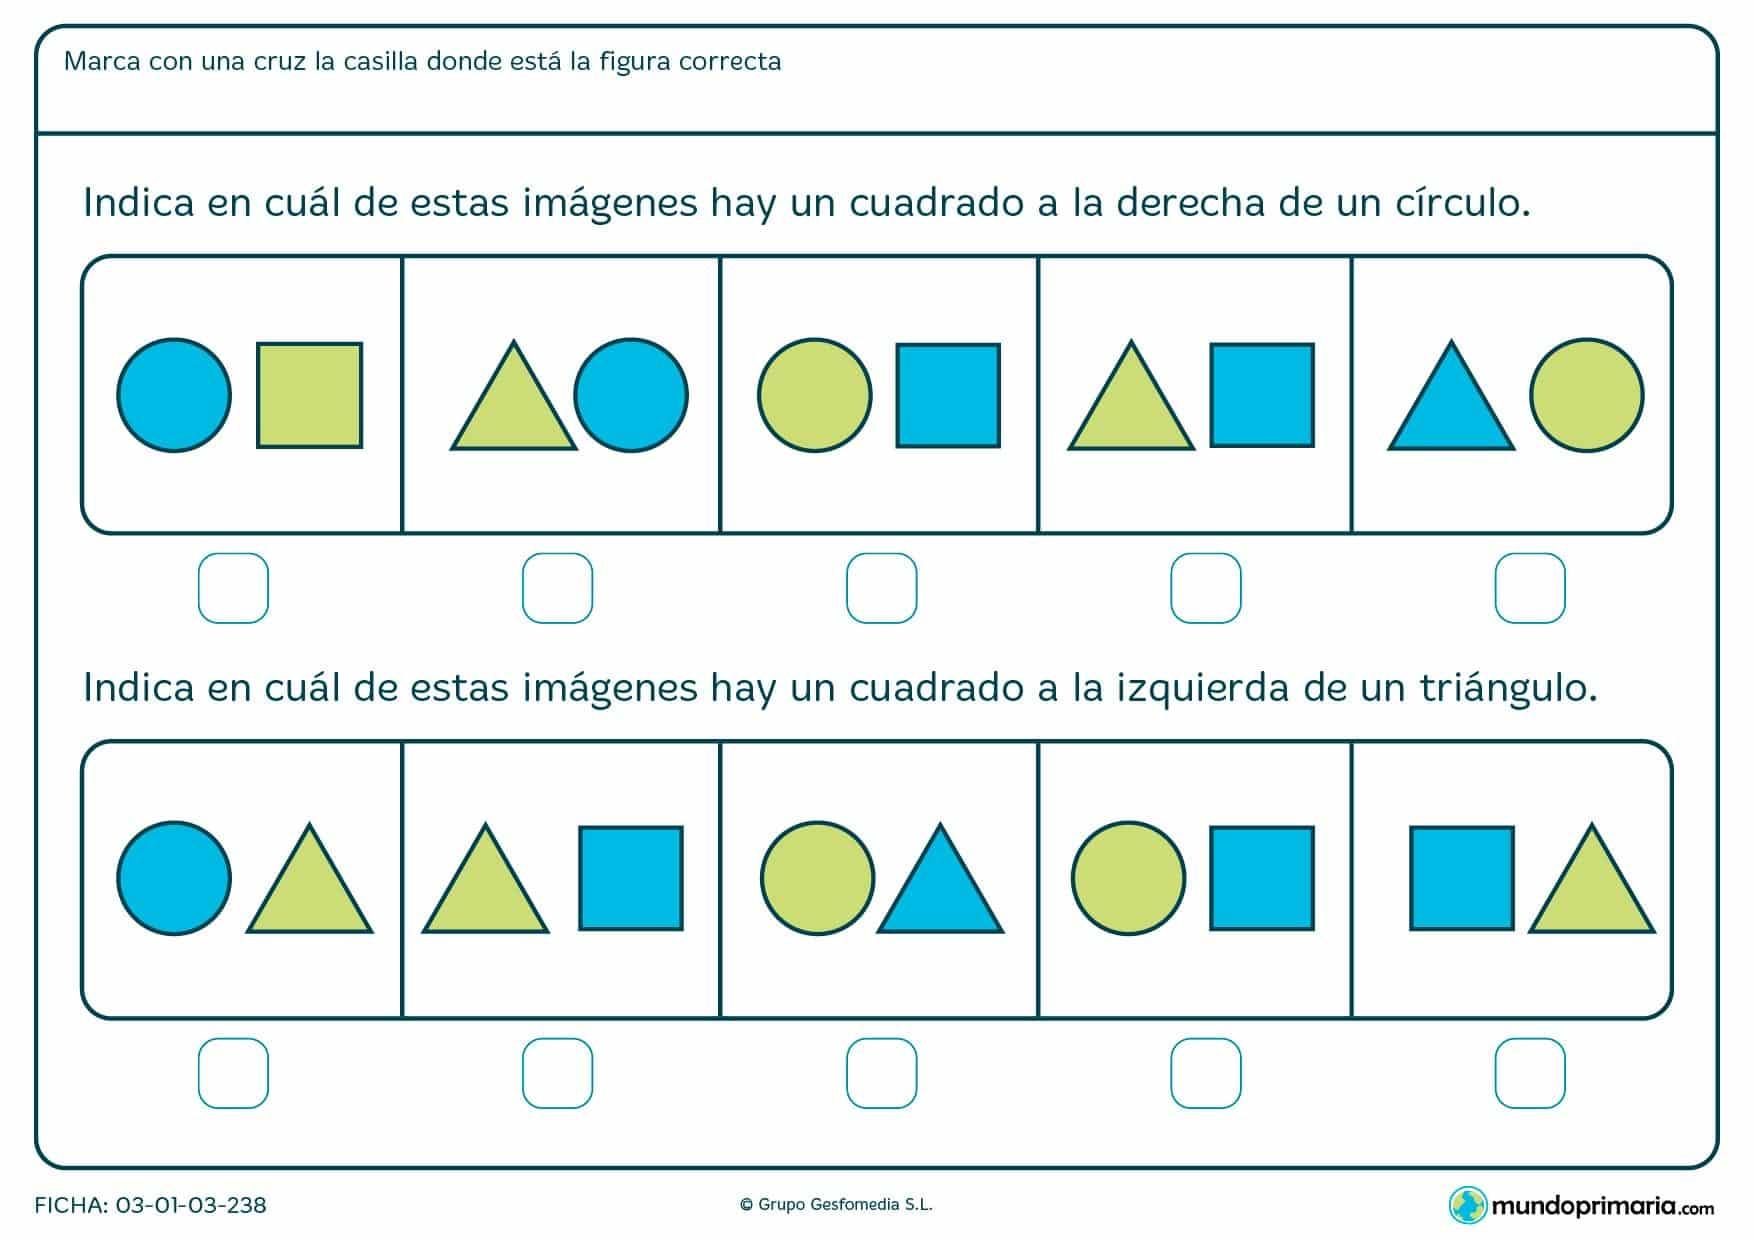 Ficha de identificar cuadrados y posición en la que hay que indicar cuál de las imágenes es la correcta.